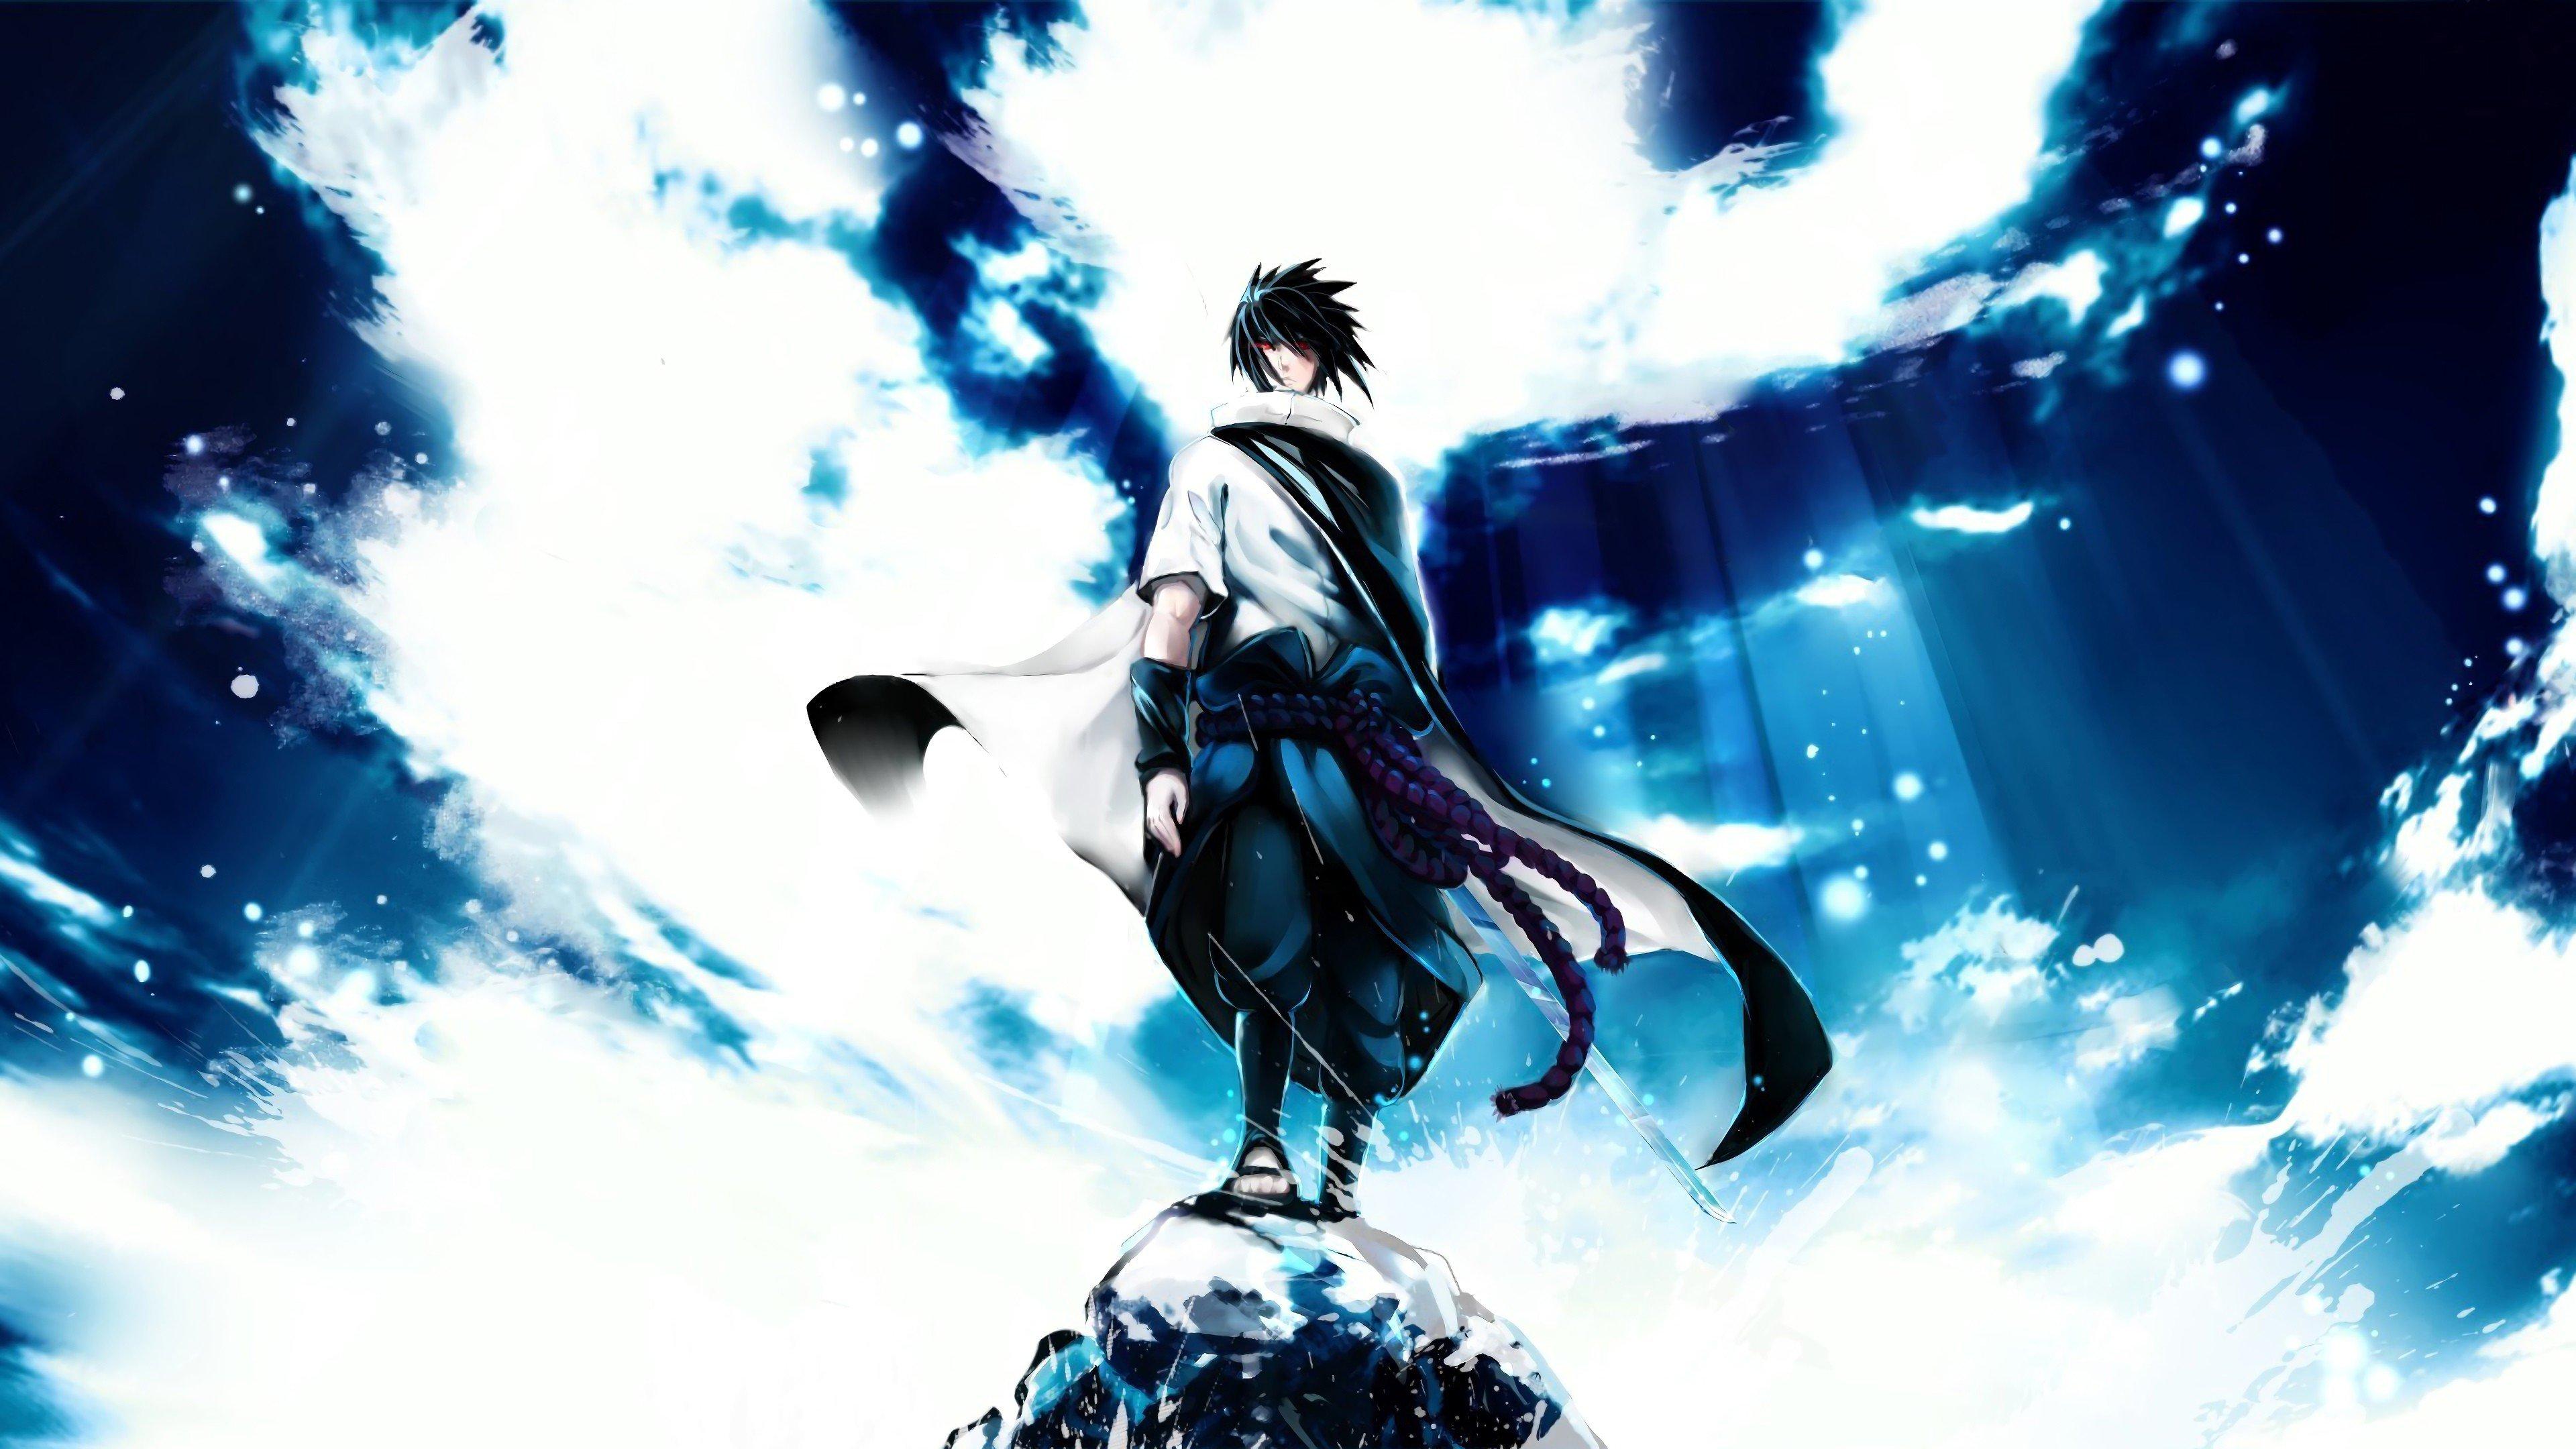 Fondos de pantalla Anime Sasuke Uchiha